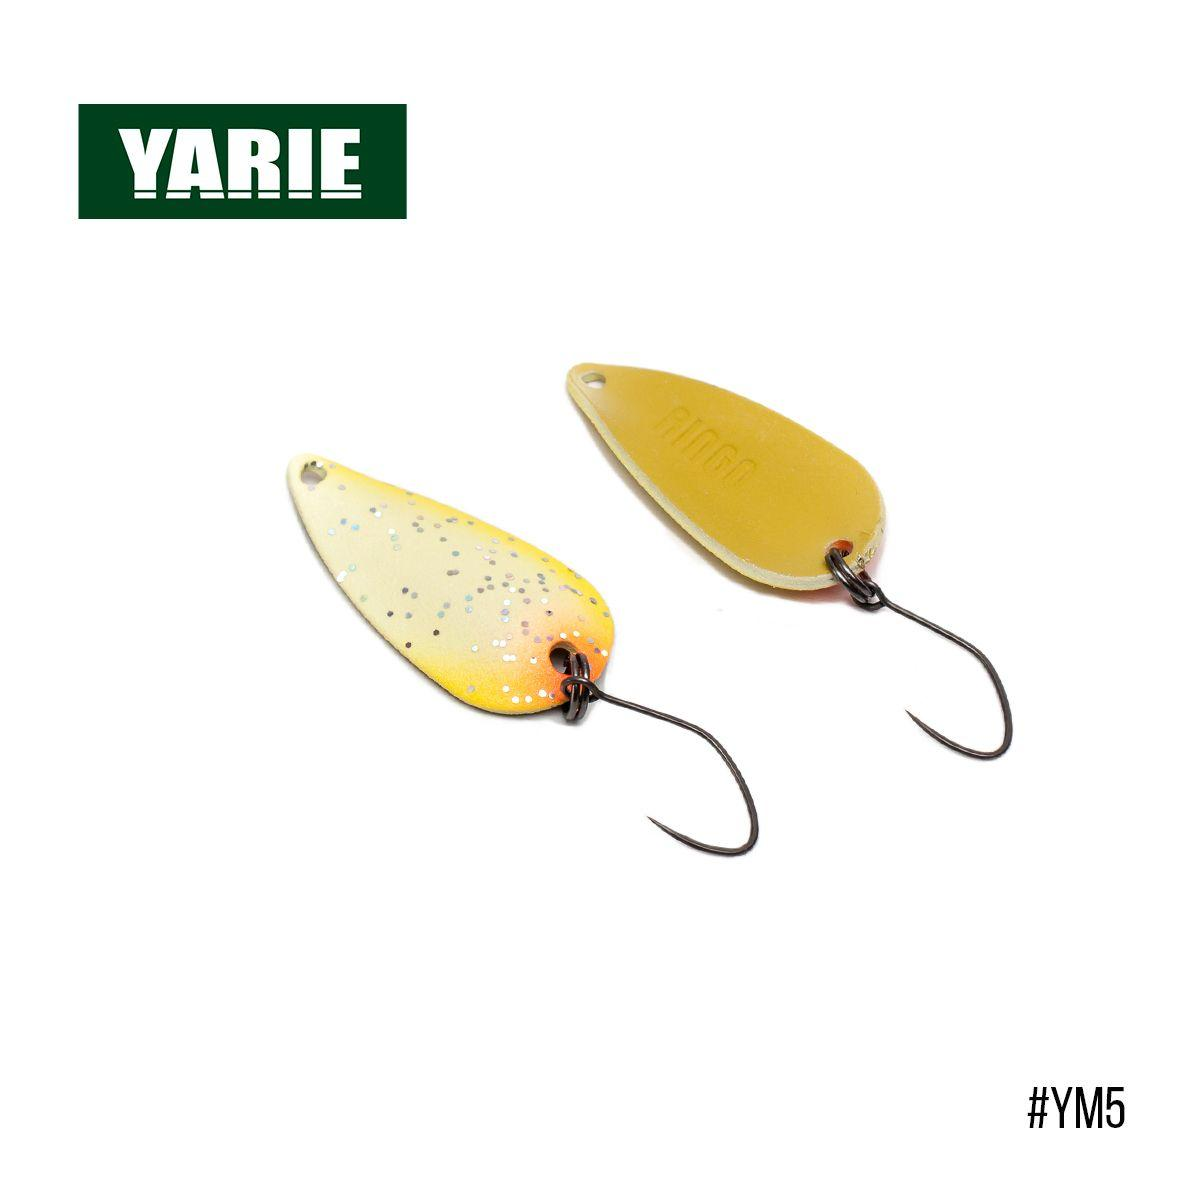 Блесна Yarie Jespa Ringo 30mm 3g (YM5)